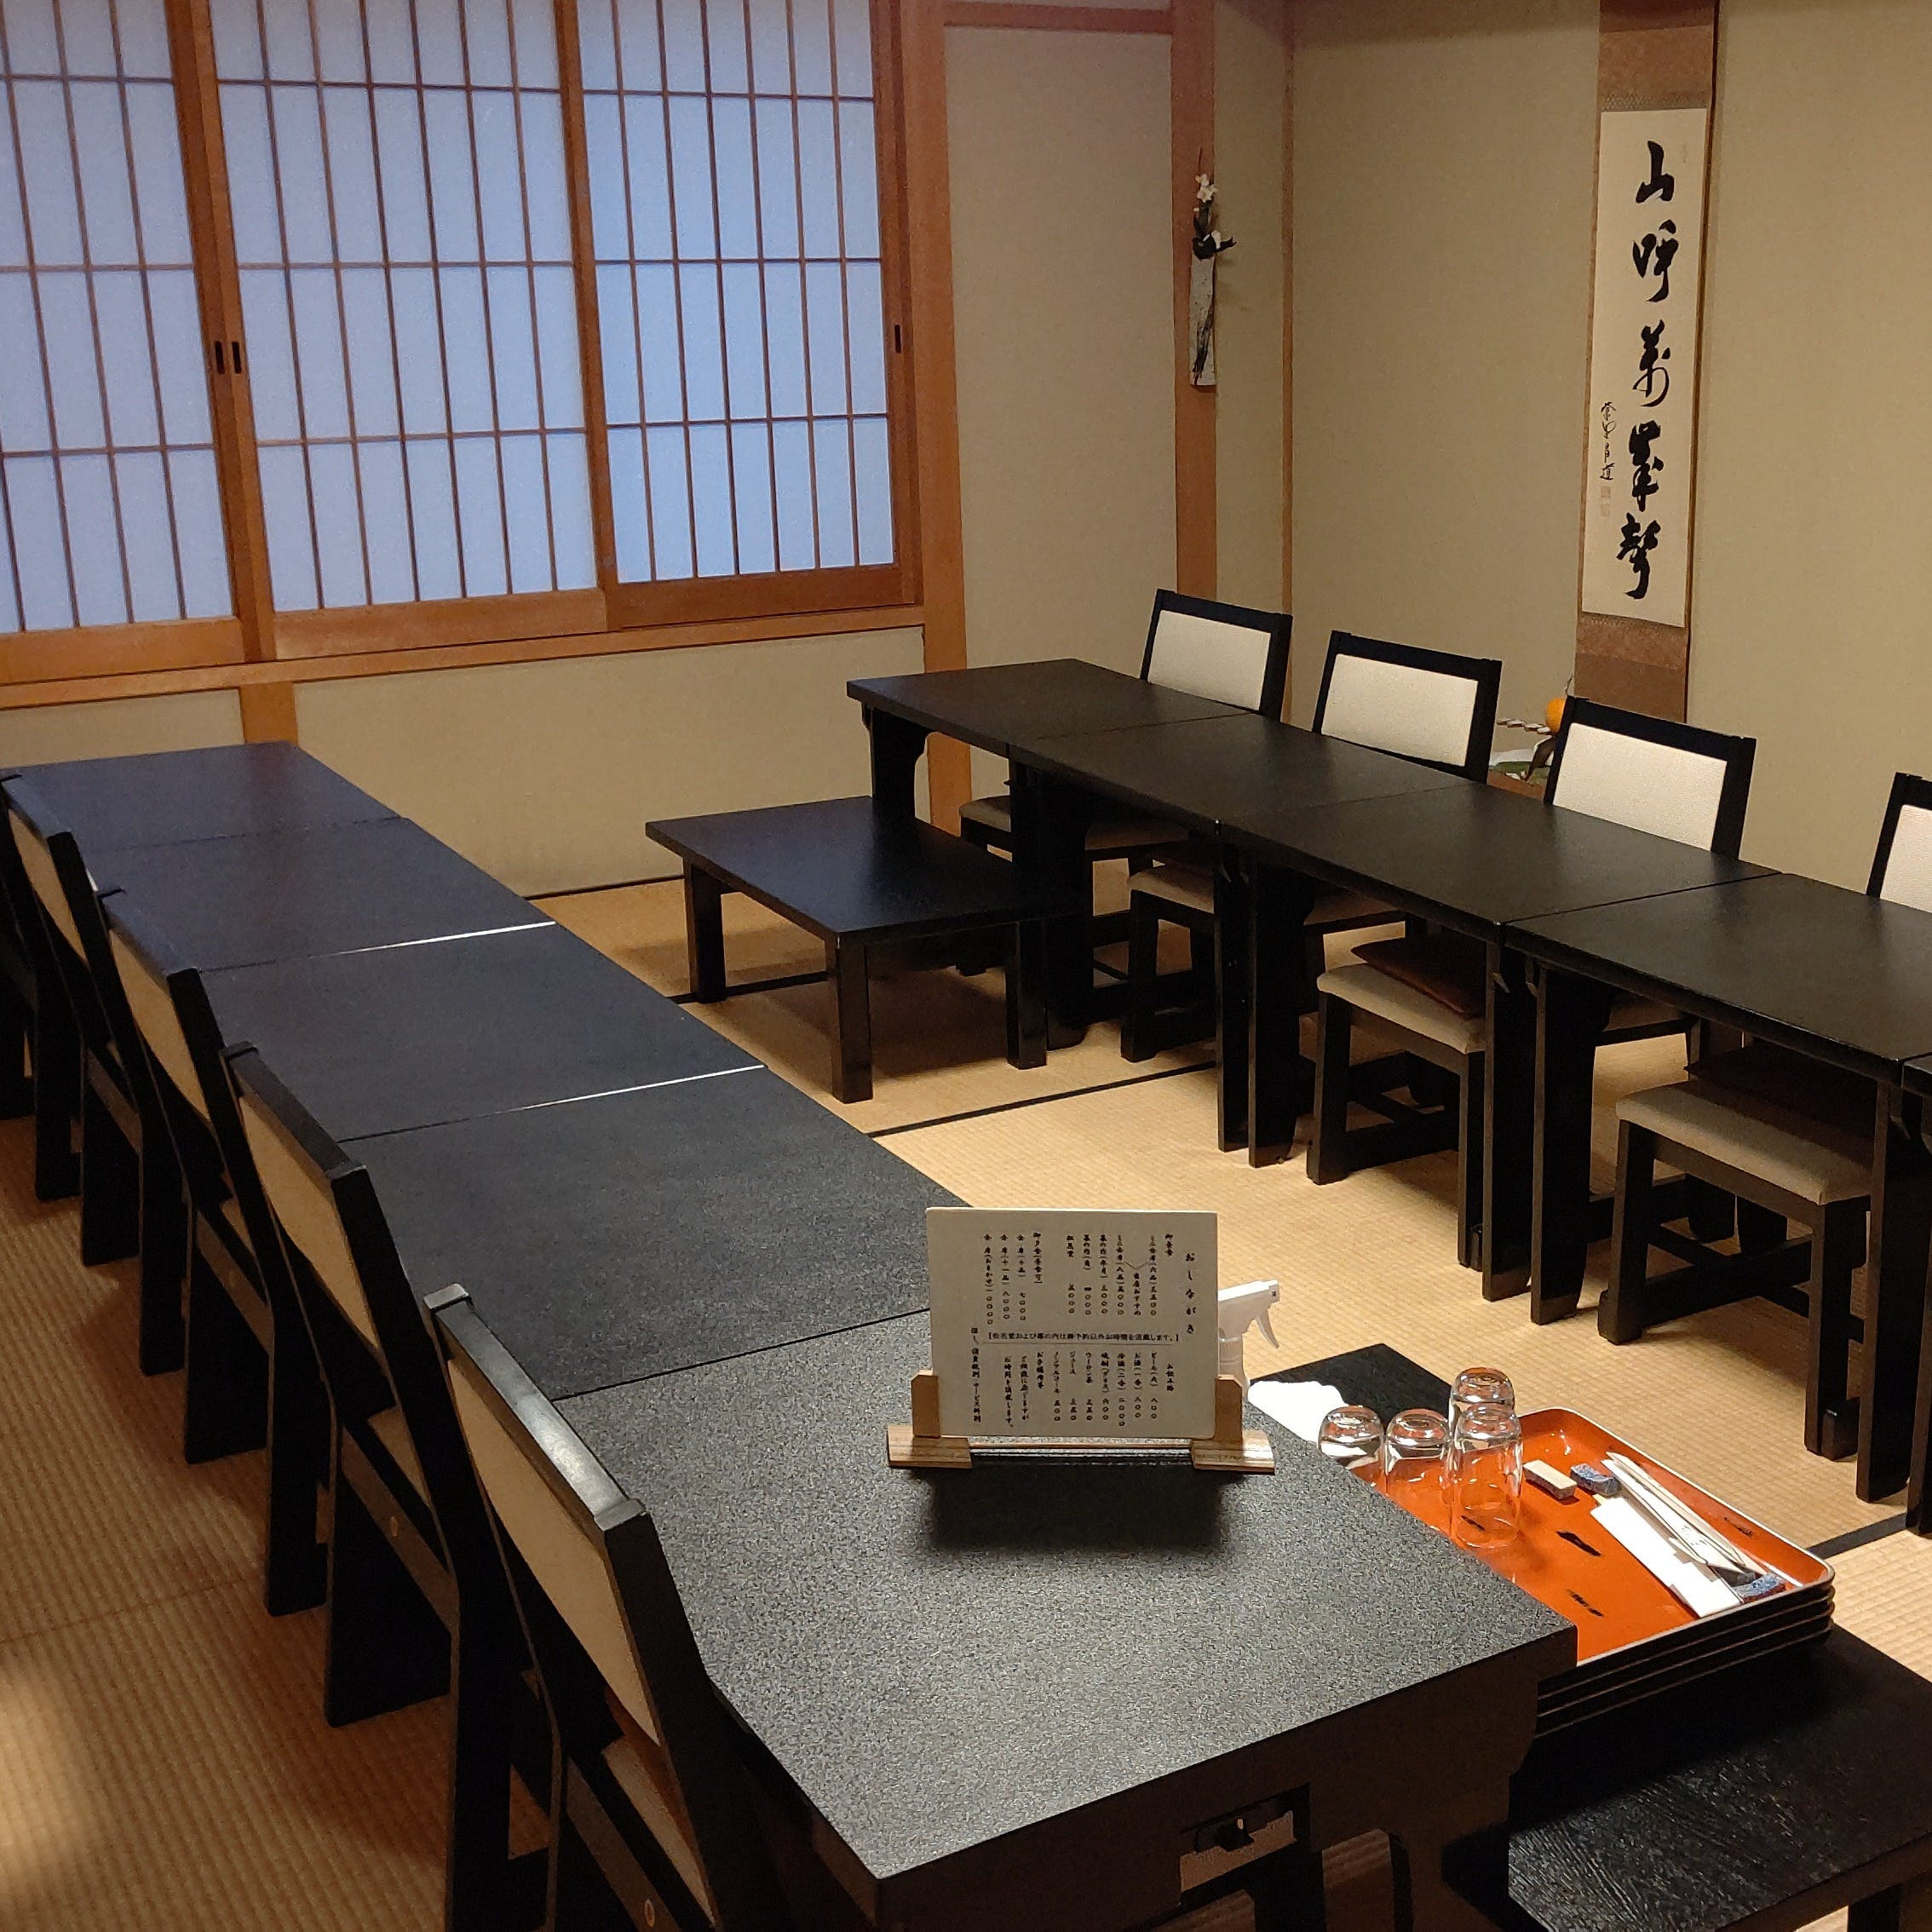 西本願寺「国宝唐門」より徒歩3分。京都駅より徒歩15分。京都水族館より徒歩3分